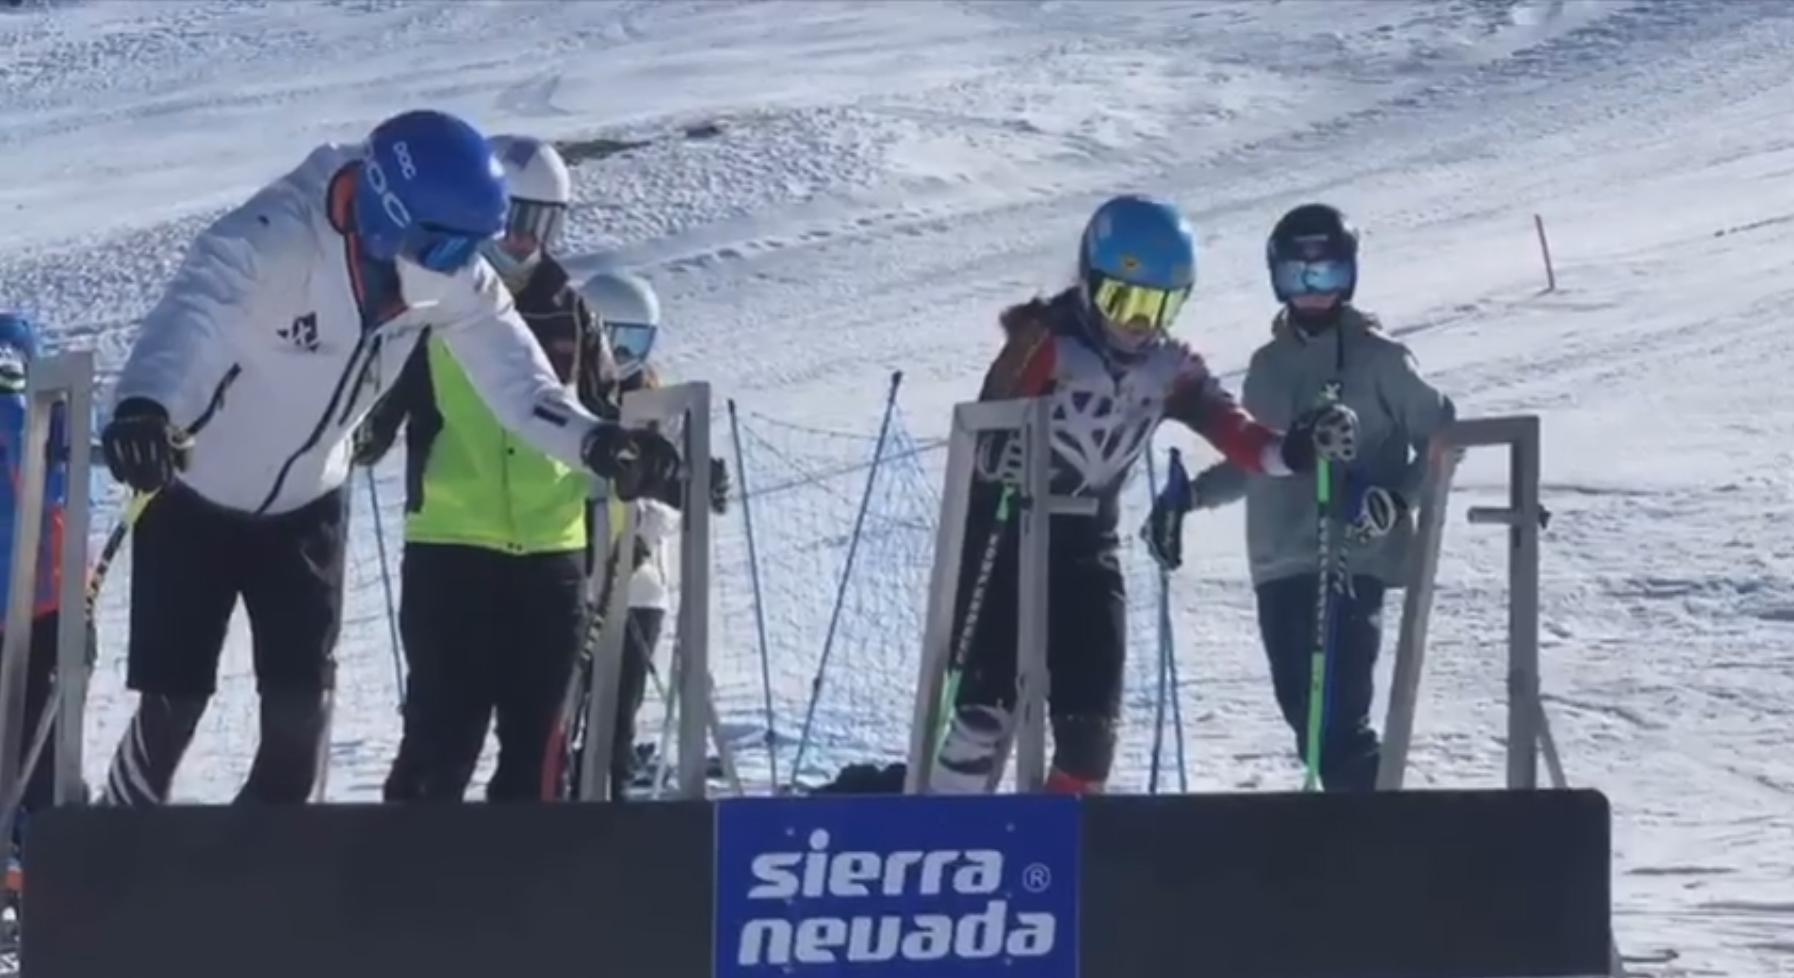 Este fin de semana, tuvieron lugar entrenamientos de los grupos CETDI SX y SBX, en @Sierra Nevada.